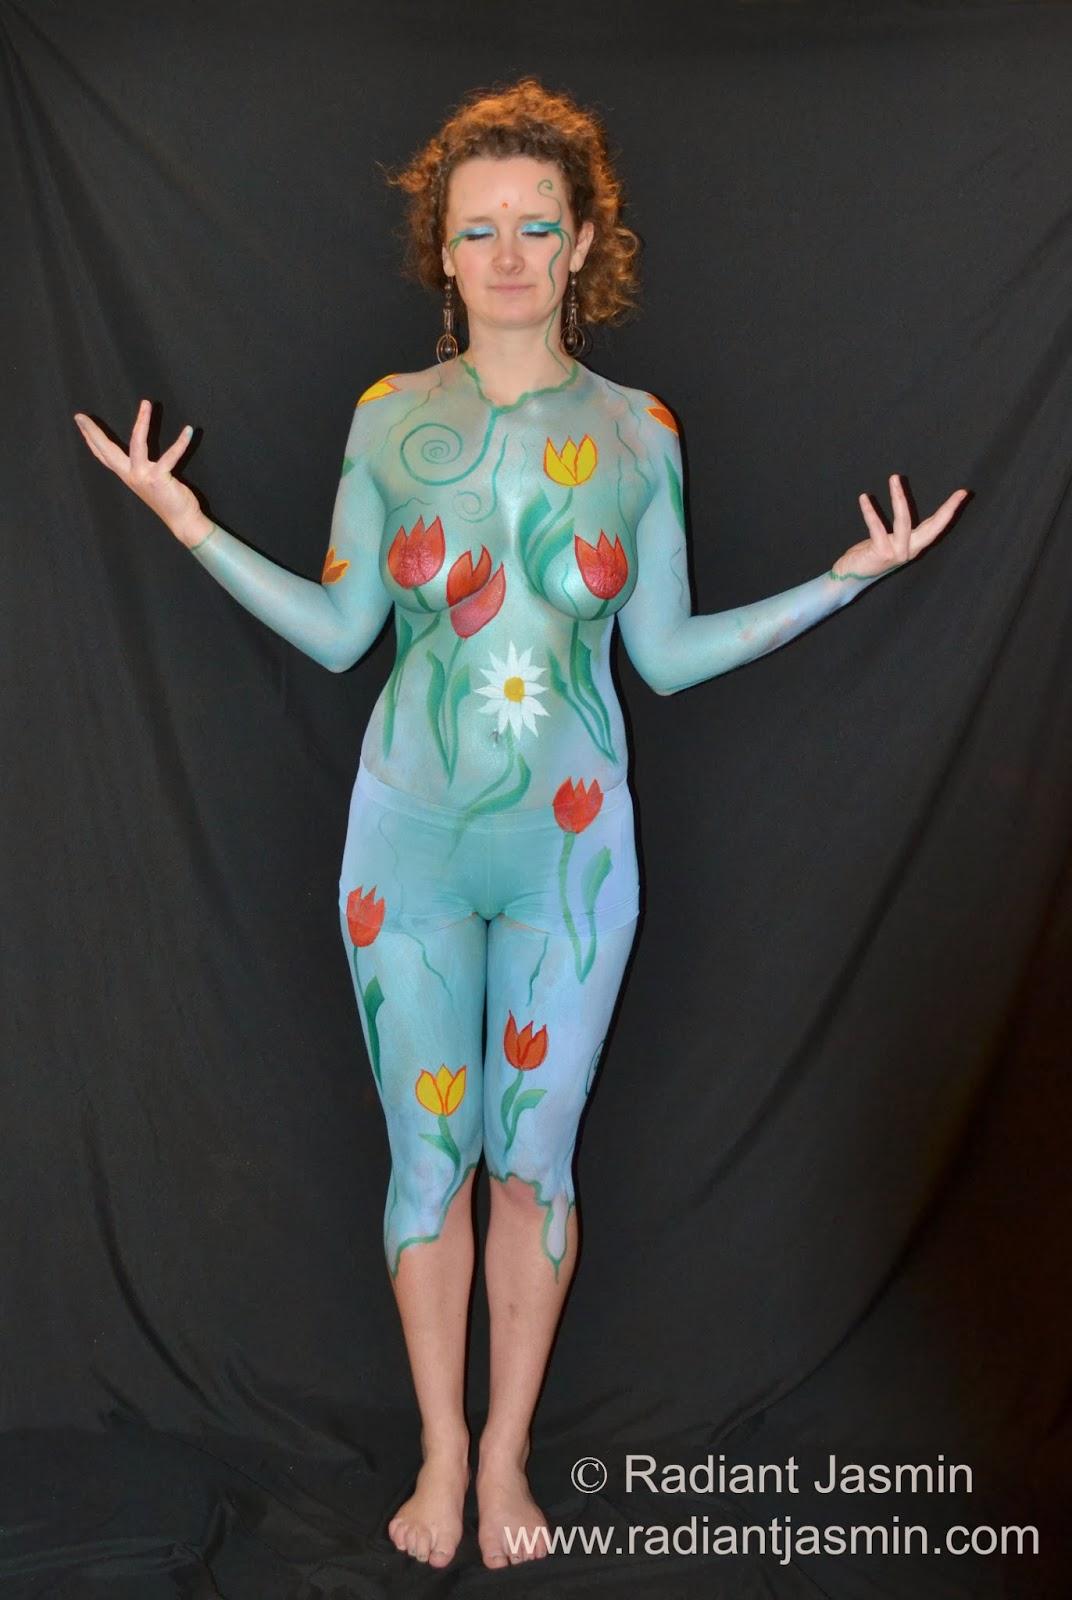 Body+Body+Painting+by+Radiant+Jasmin+-+Model%2C+Martha+-+73.jpg